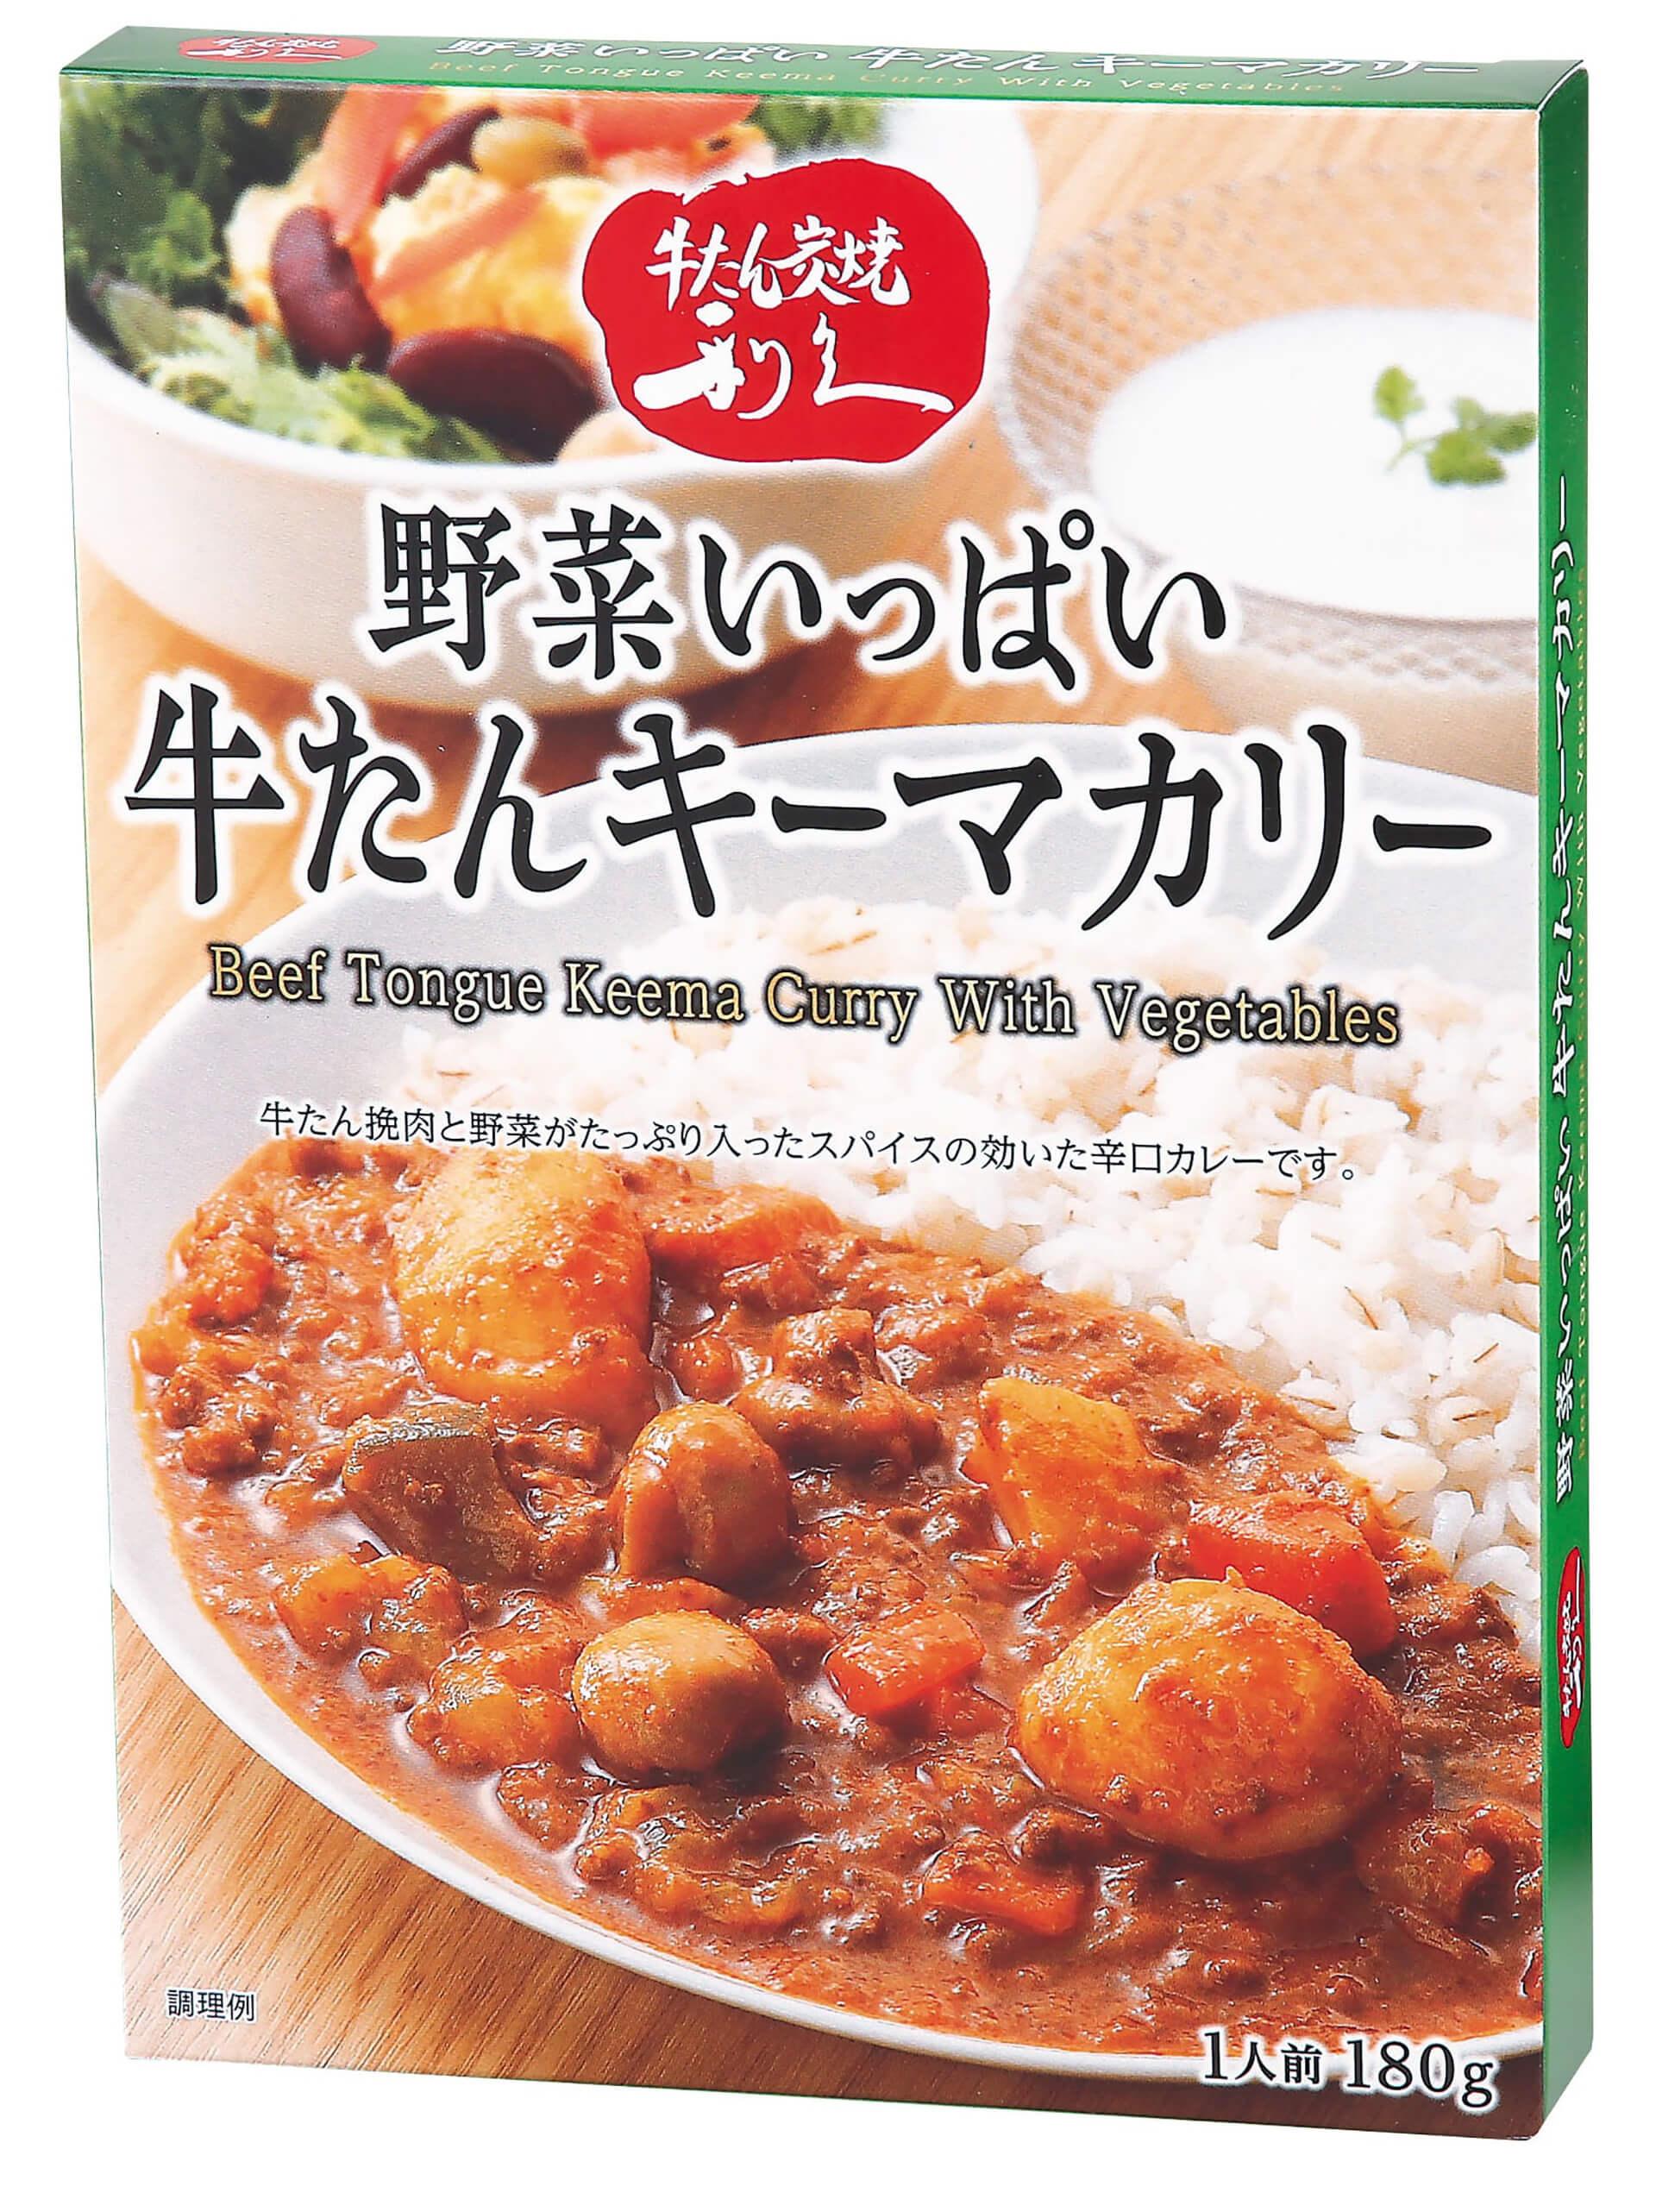 宮城牛たん炭焼「利久」野菜いっぱい牛たんキーマカリー